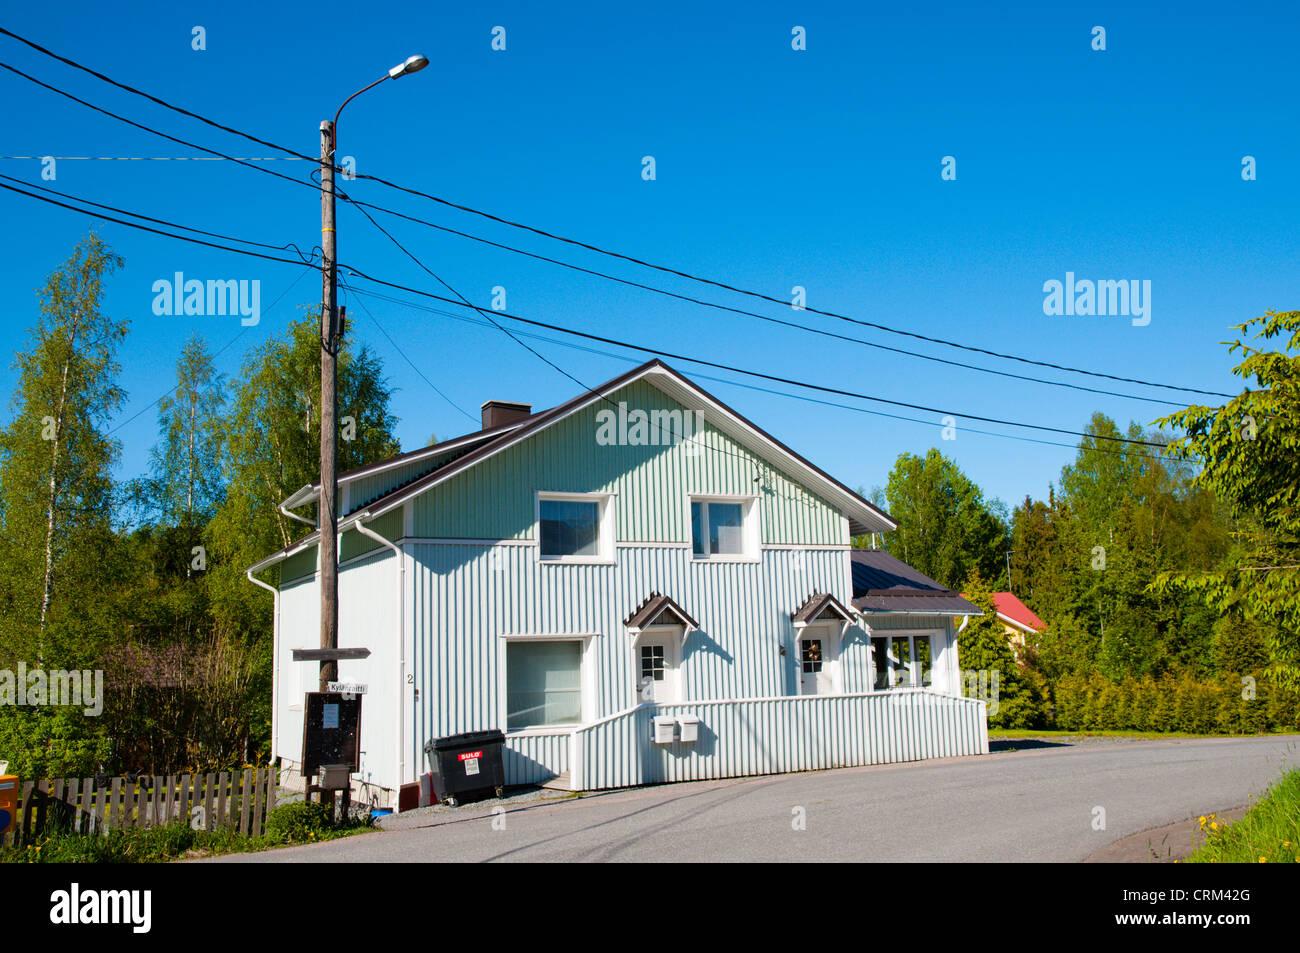 Rivestimento Casa In Legno : Ristrutturato tradizionale casa in legno con la nuova superficie